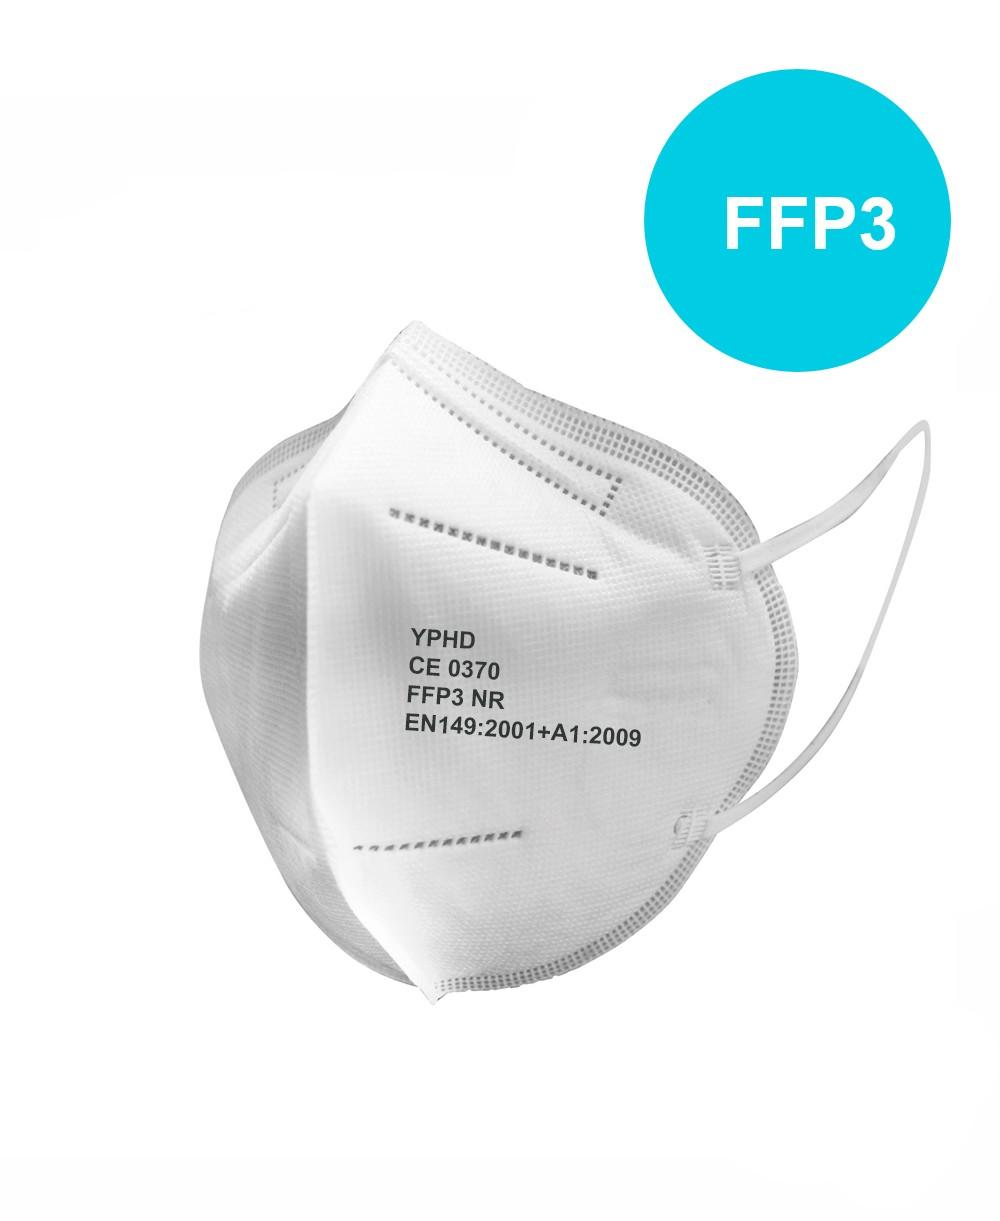 Mascherina Facciale Filtrante FFP3 Efficienza di filtraggio 99% - Certificata CE EN149:2001+A1:2009